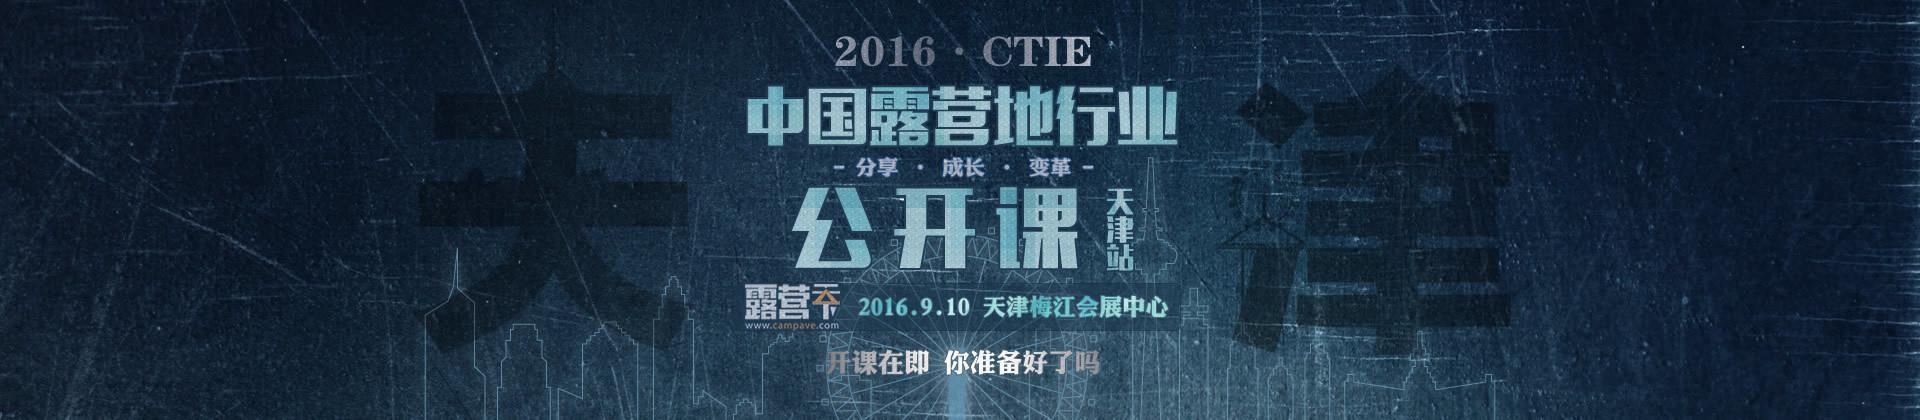 中国露营地行业公开课(9.10天津场)- 营地主专业学习分享平台